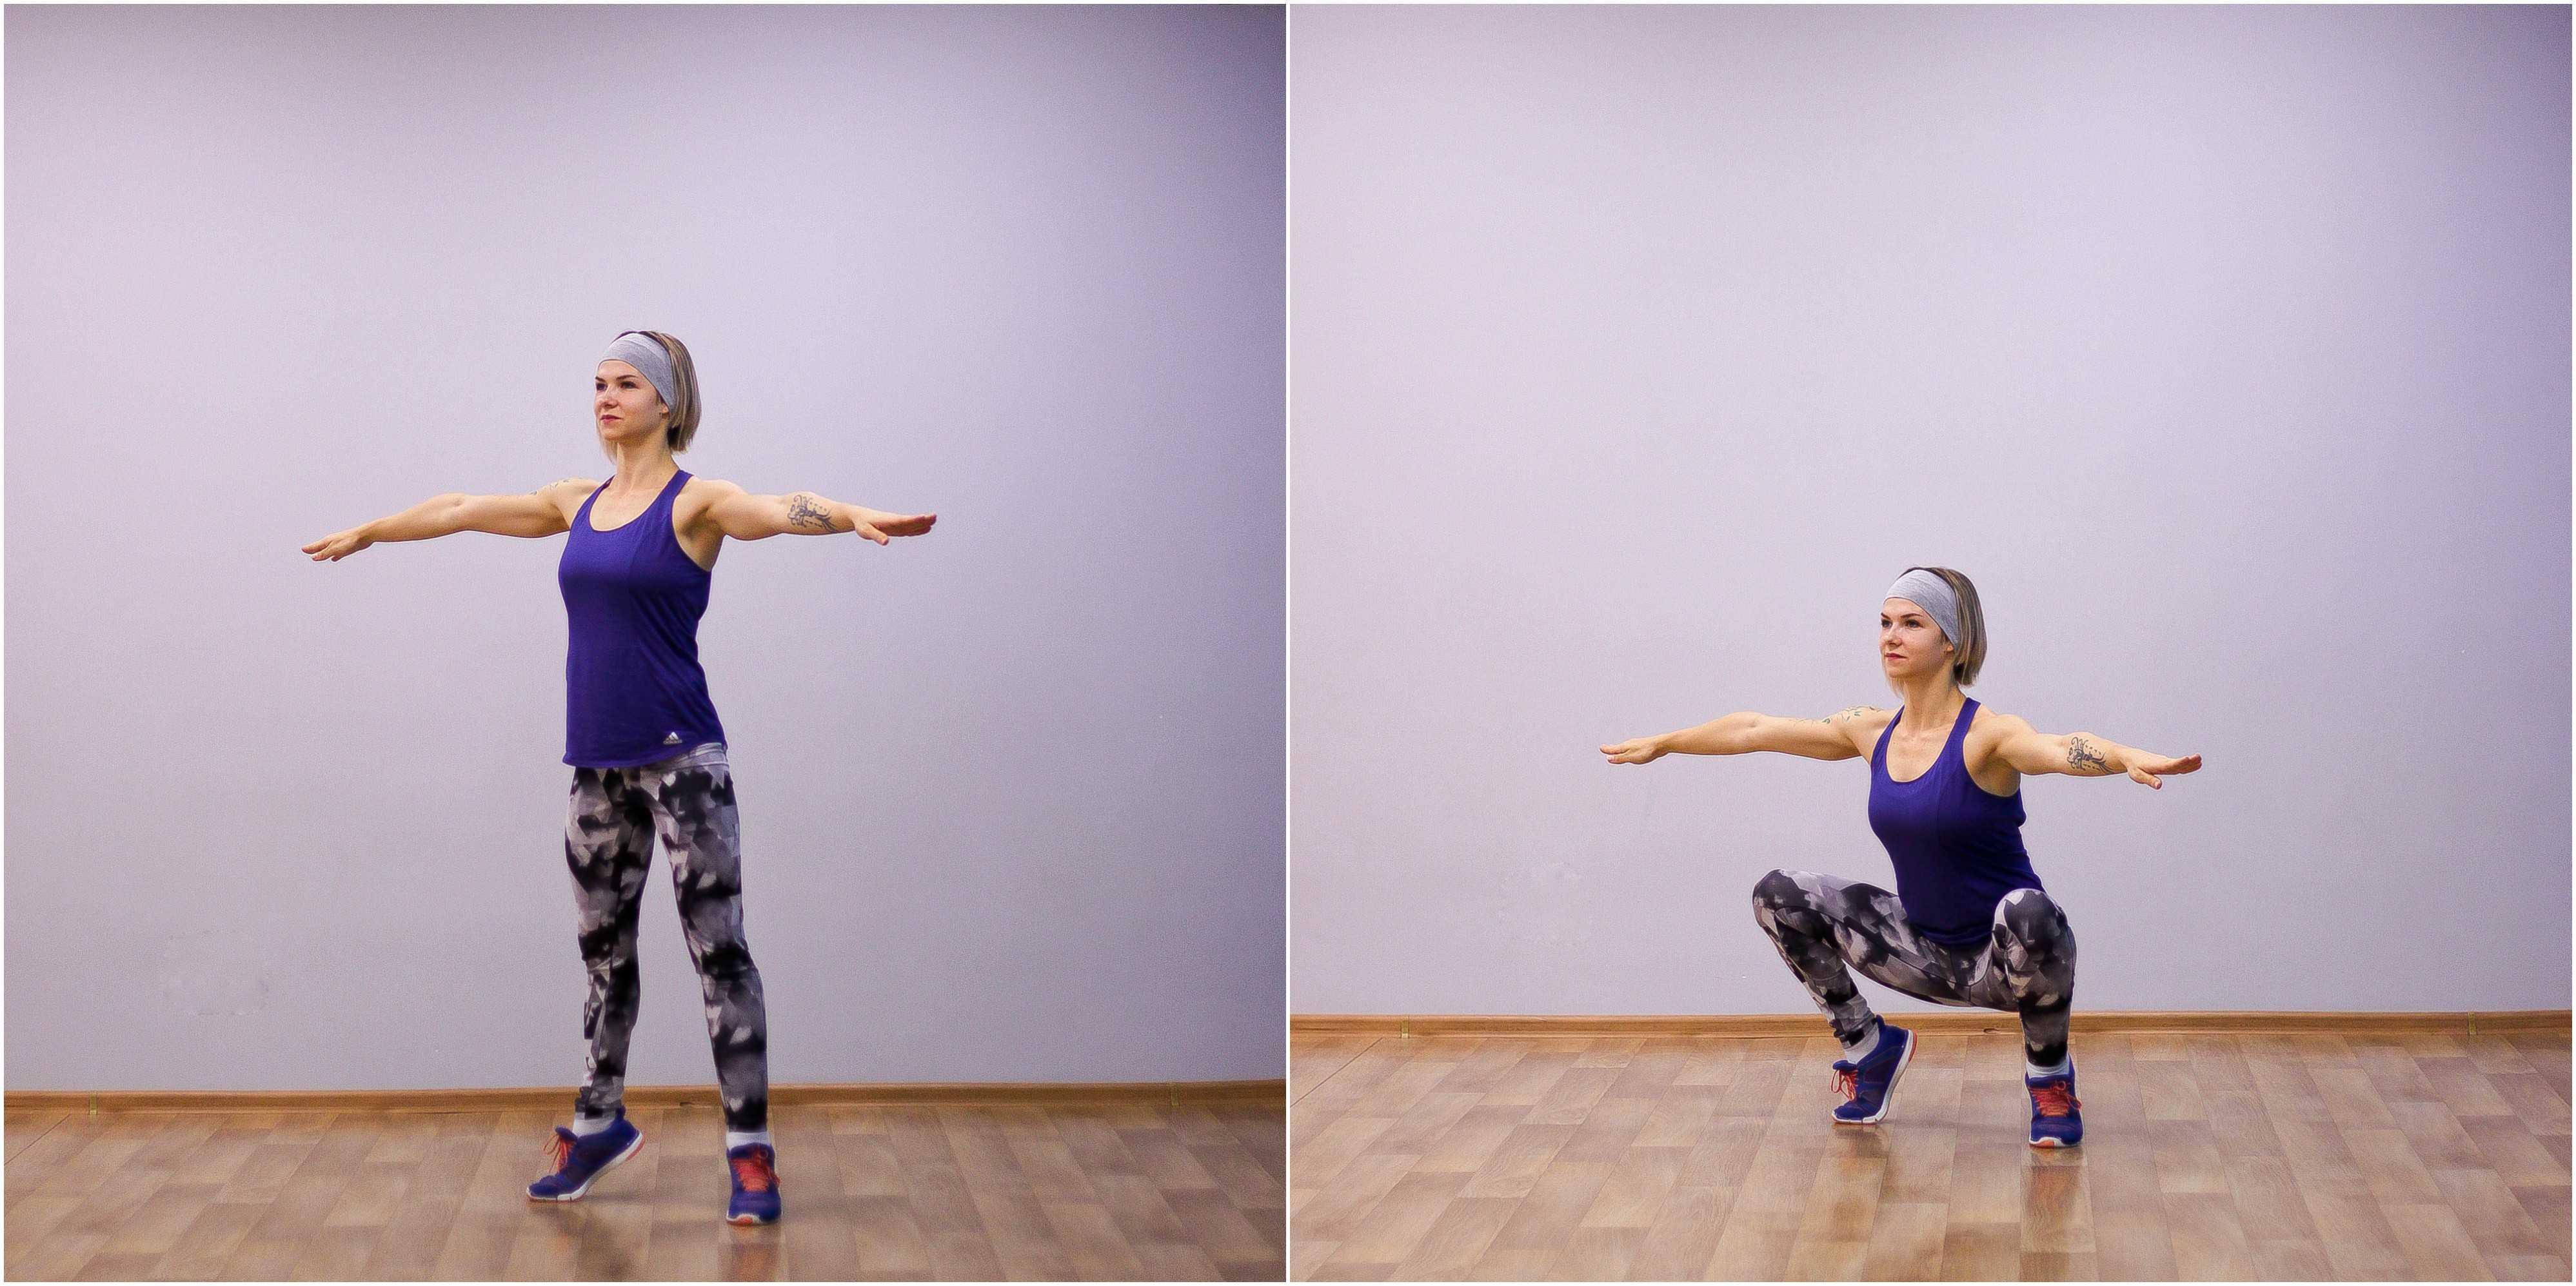 Это готовая интервальная тренировка для всего тела для новичков, которая поможет вам похудеть и подтянуть тела Готовый план упражнений с фото + разминка